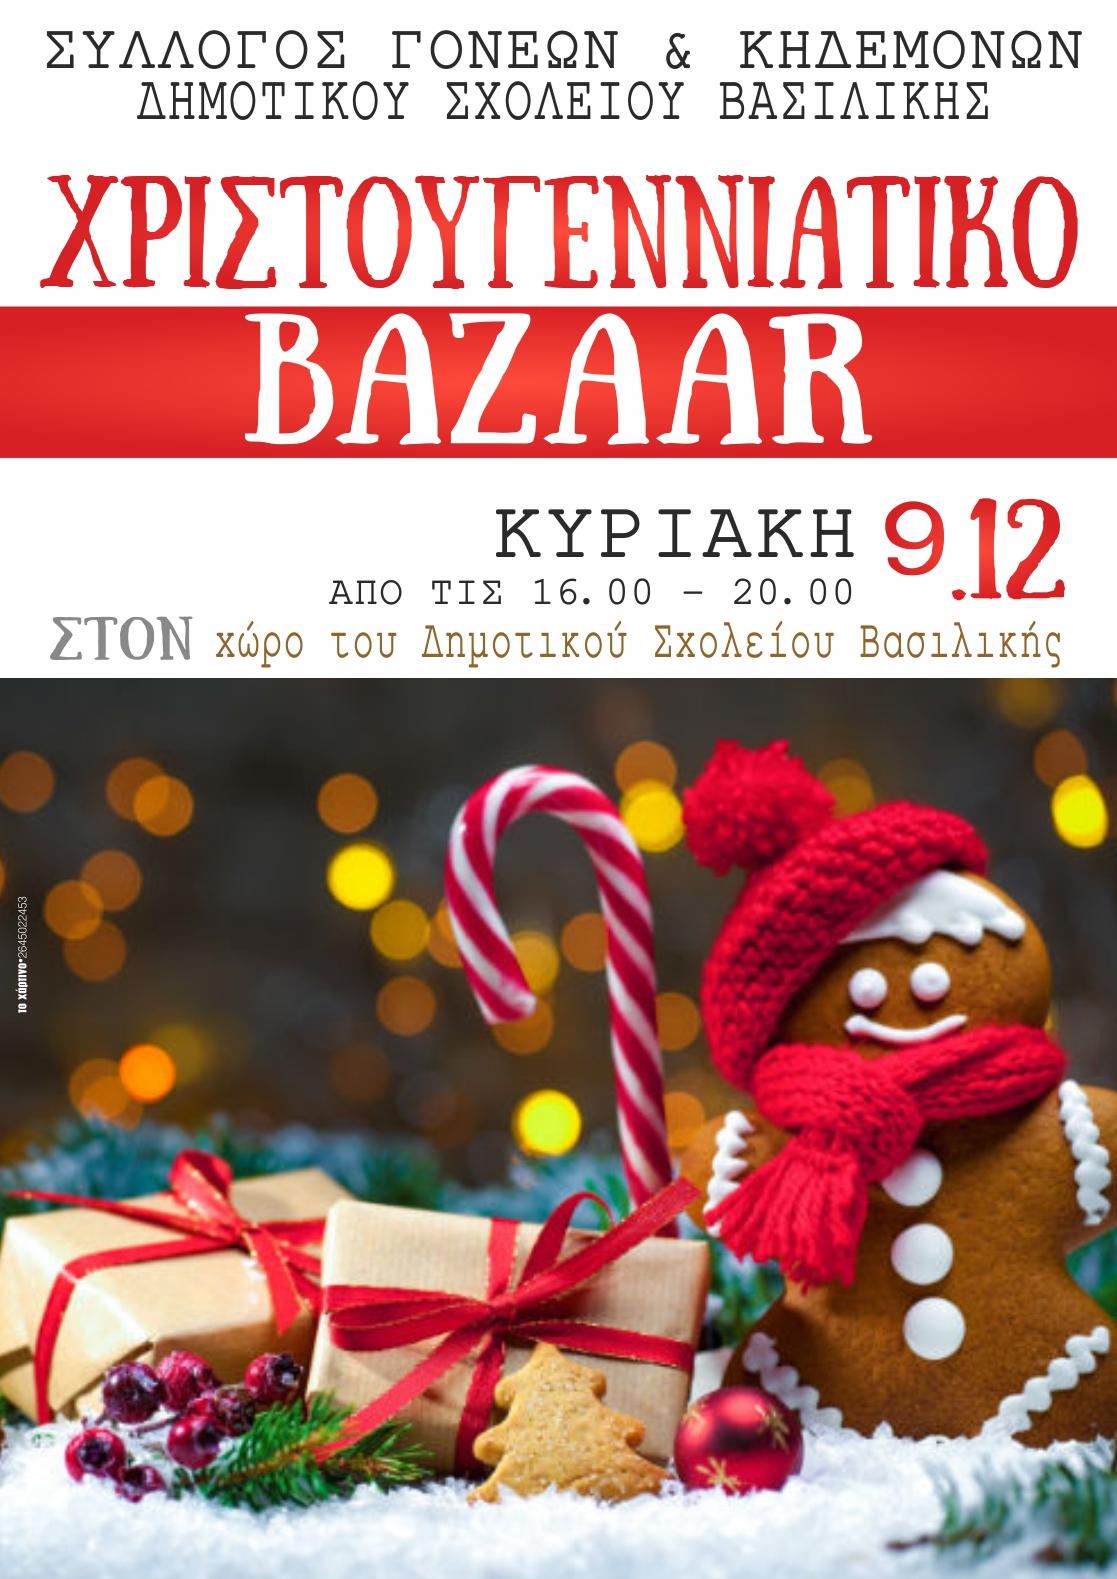 sillogos gonewn k kidemonwn vasilikis xwrio ai vasili bazaar afisa 2018